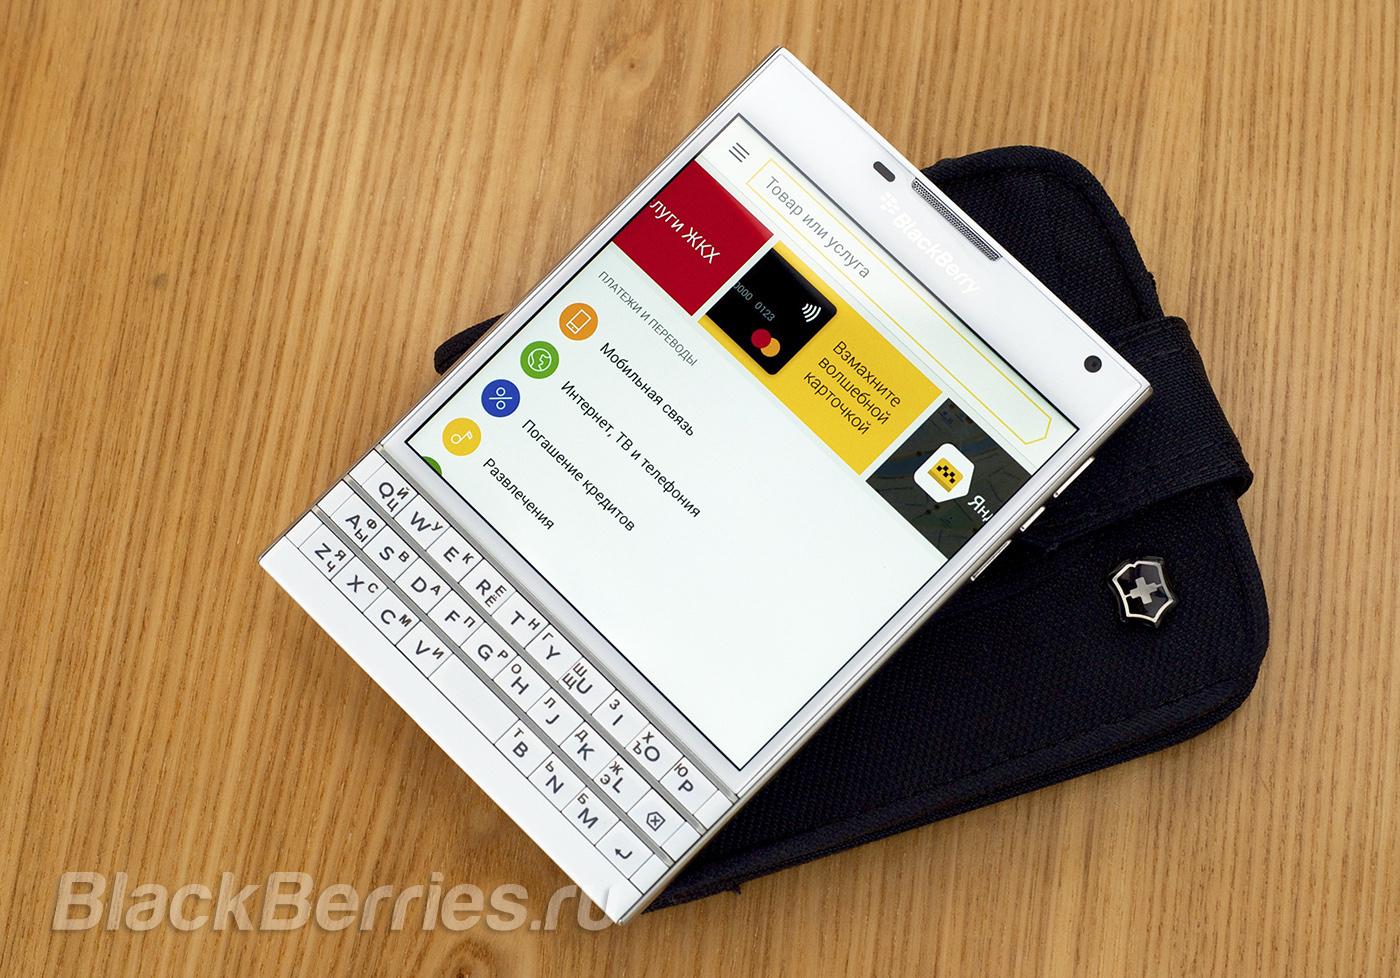 BlackBerry-Passport-App-23-05-26